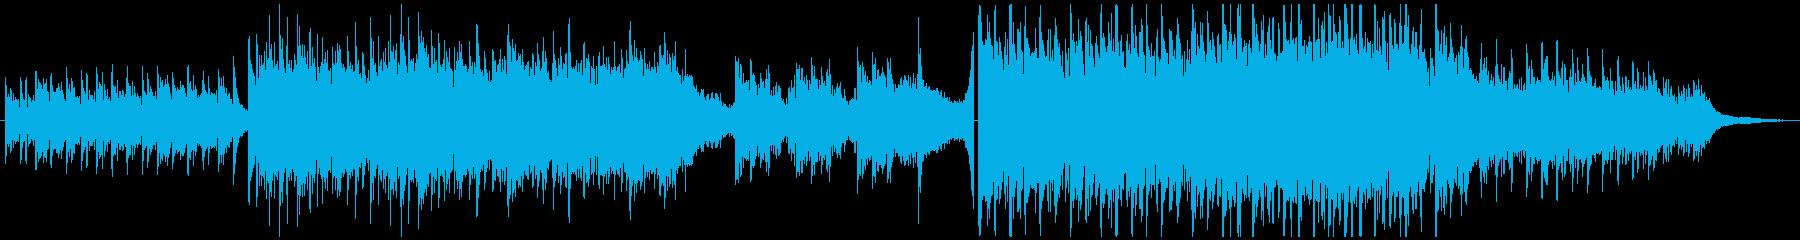 映像向け・ピアノ&弦の感動的な曲の再生済みの波形